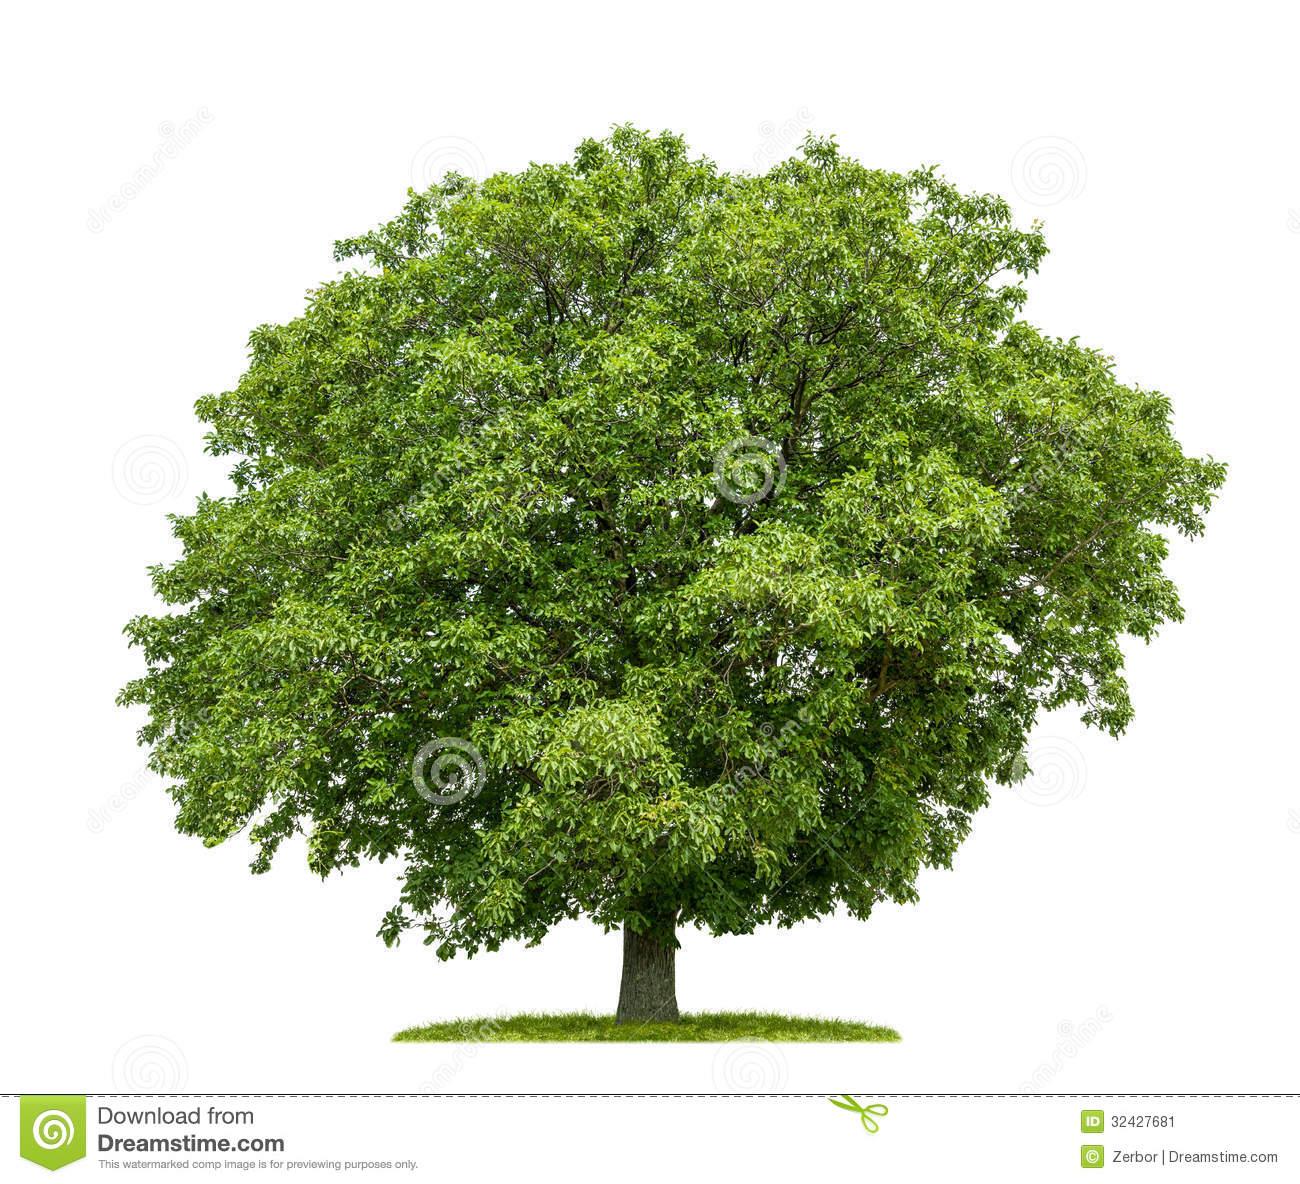 Walnut tree clipart clipart image free Walnut tree clipart - ClipartFox image free